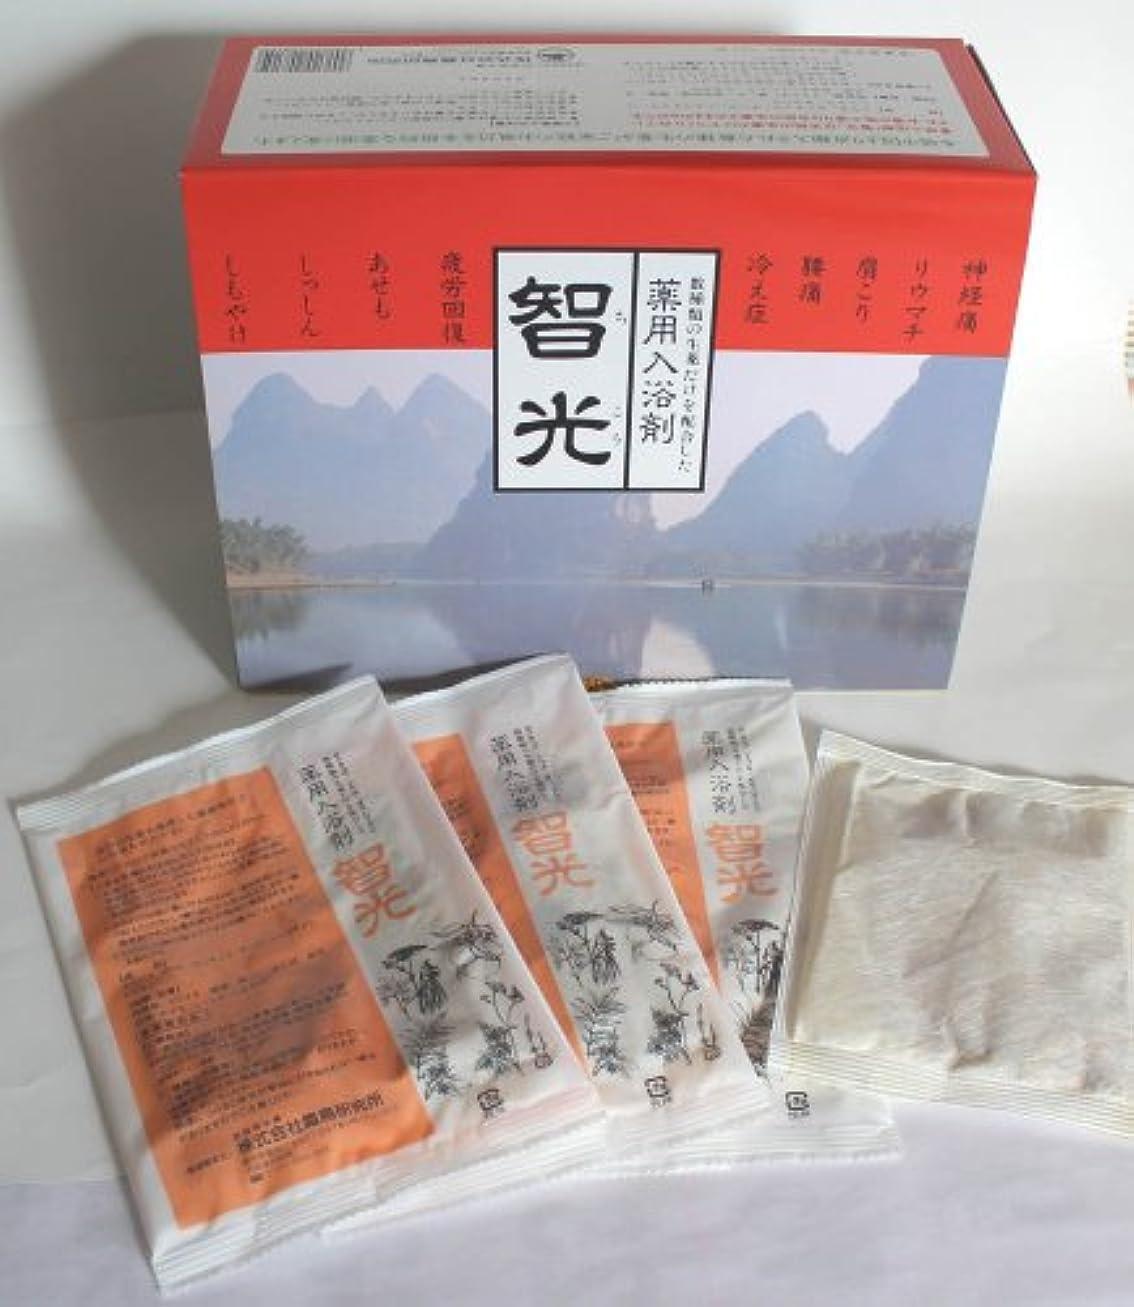 必要としているゲージ添加薬用入浴剤 智光 (25g×32包入り)化粧箱なし